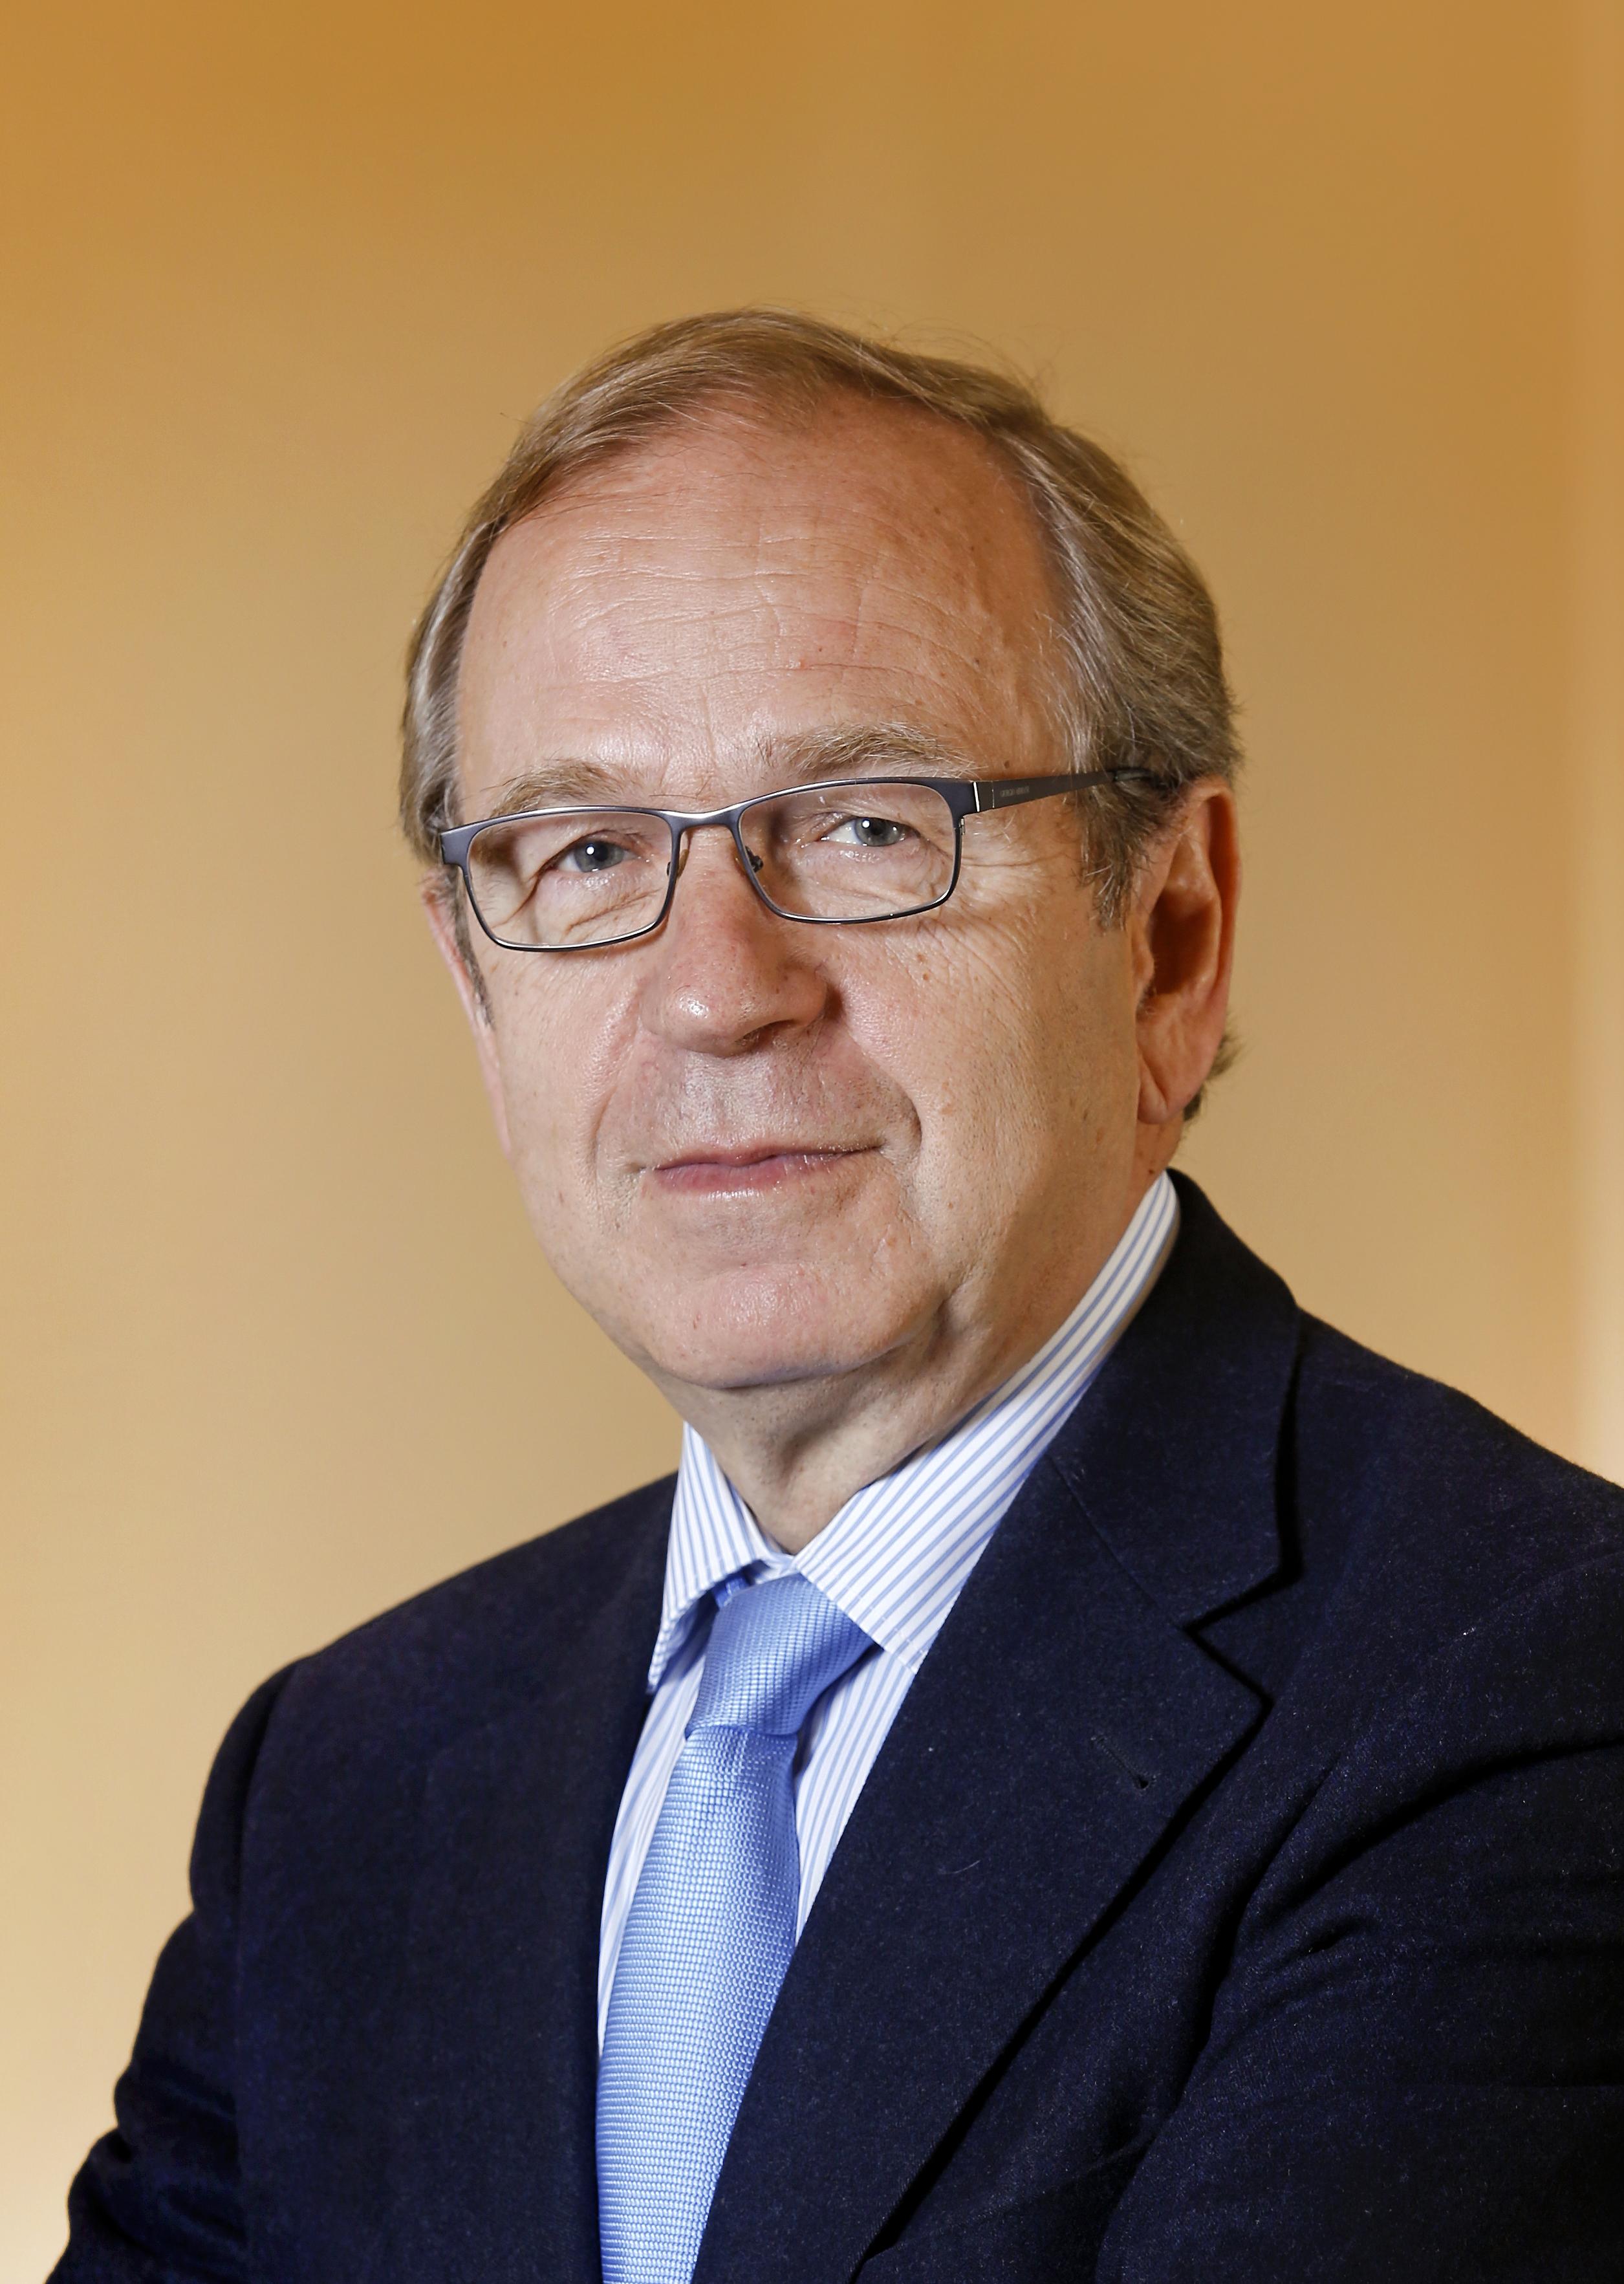 ليكانين: لم ولن يتخلى المركزى الأوروبى عن دعم استقرار الأسعار